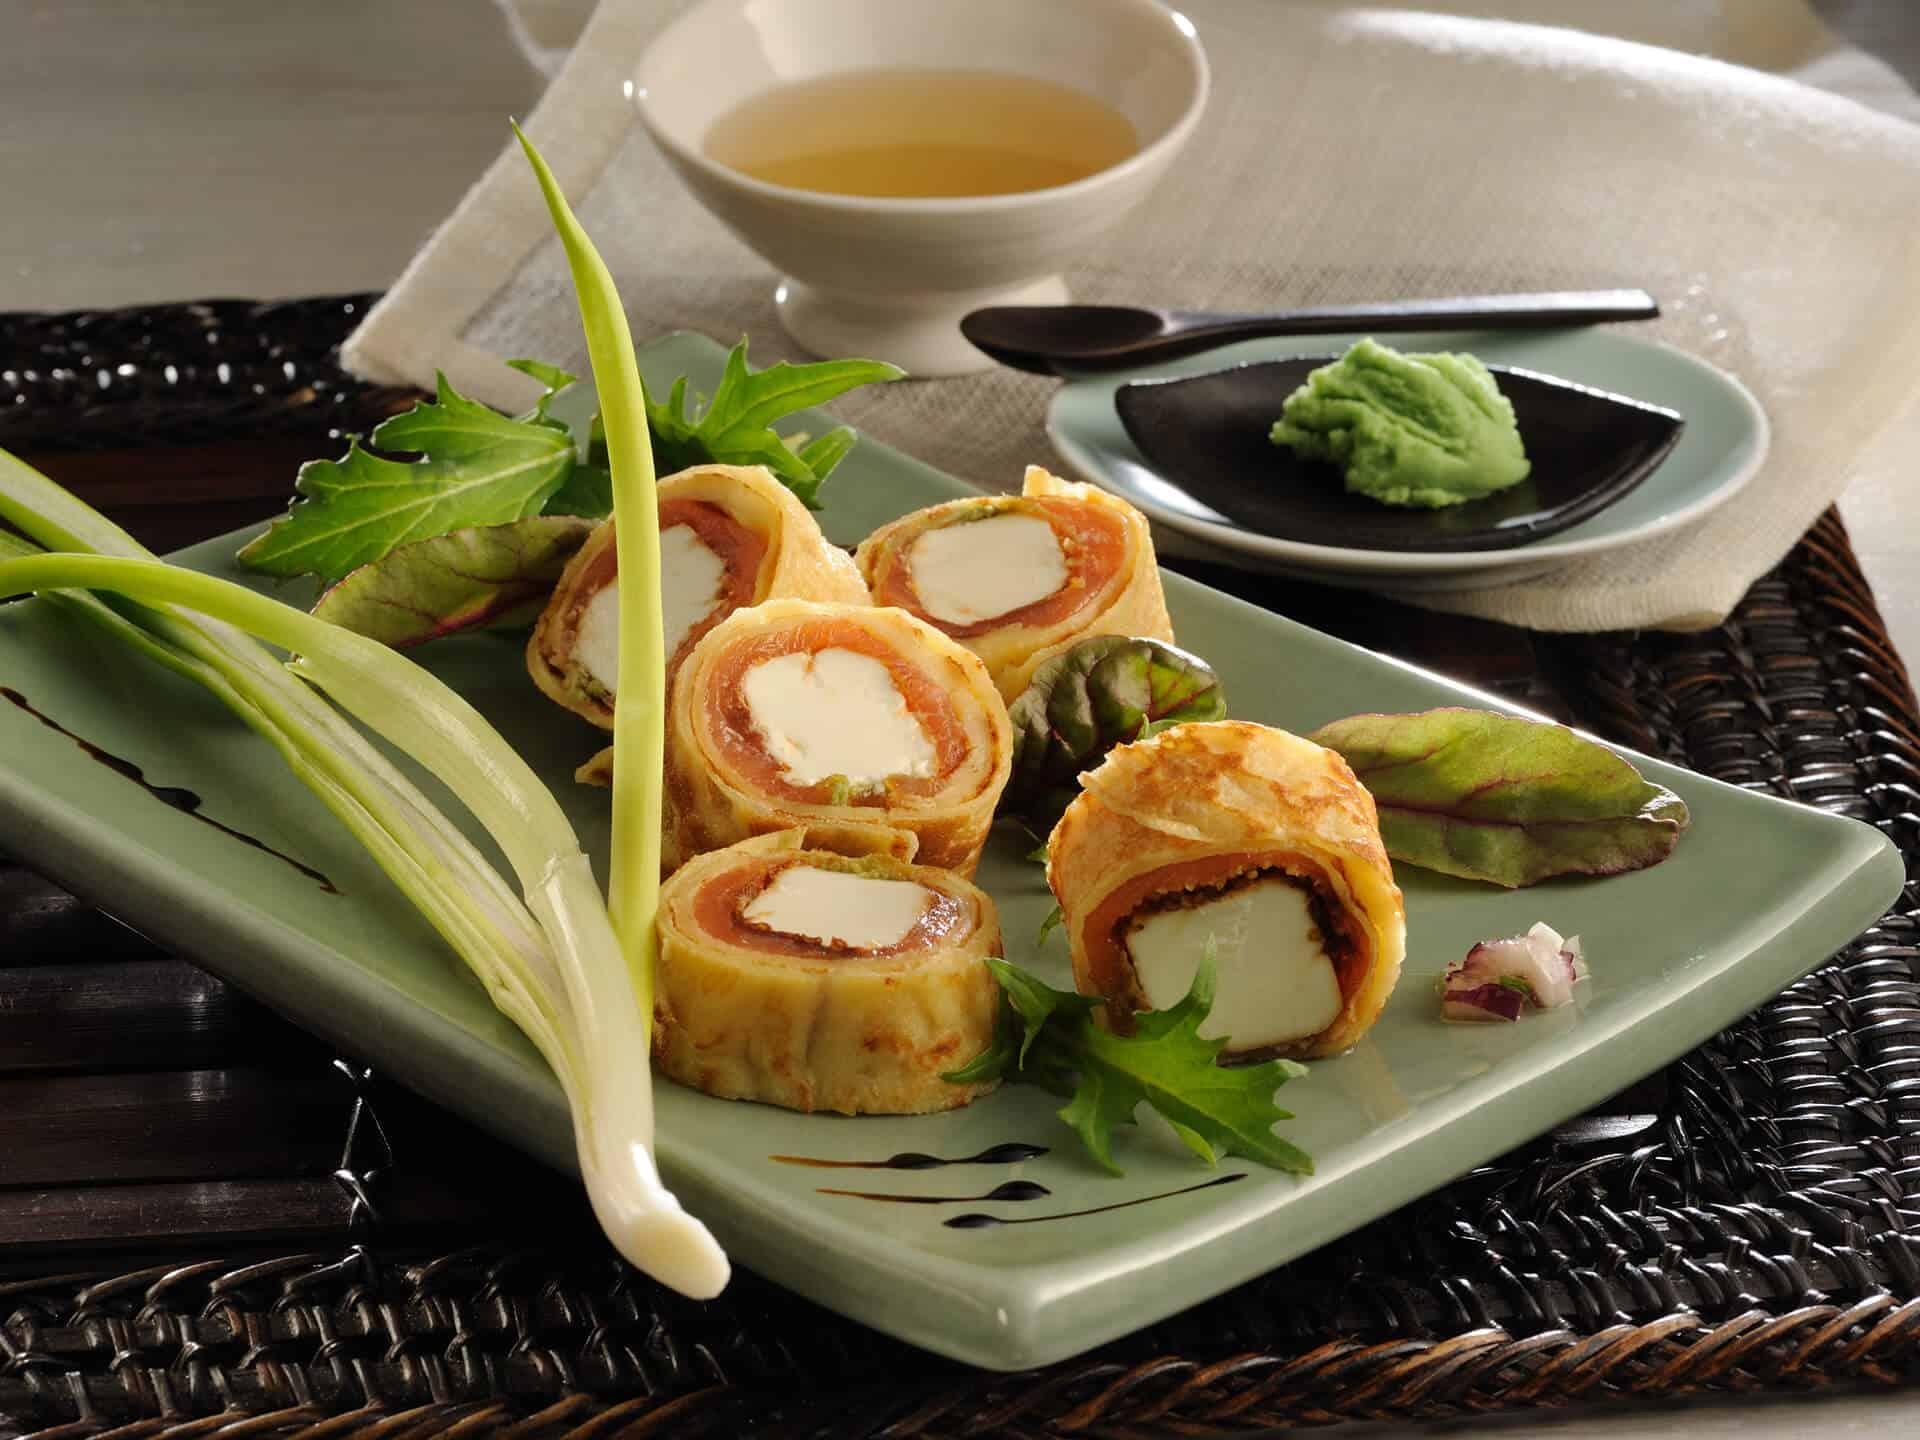 Perfektes Fingerfood für Brunch: Pfiffige Lachspfannkuchen